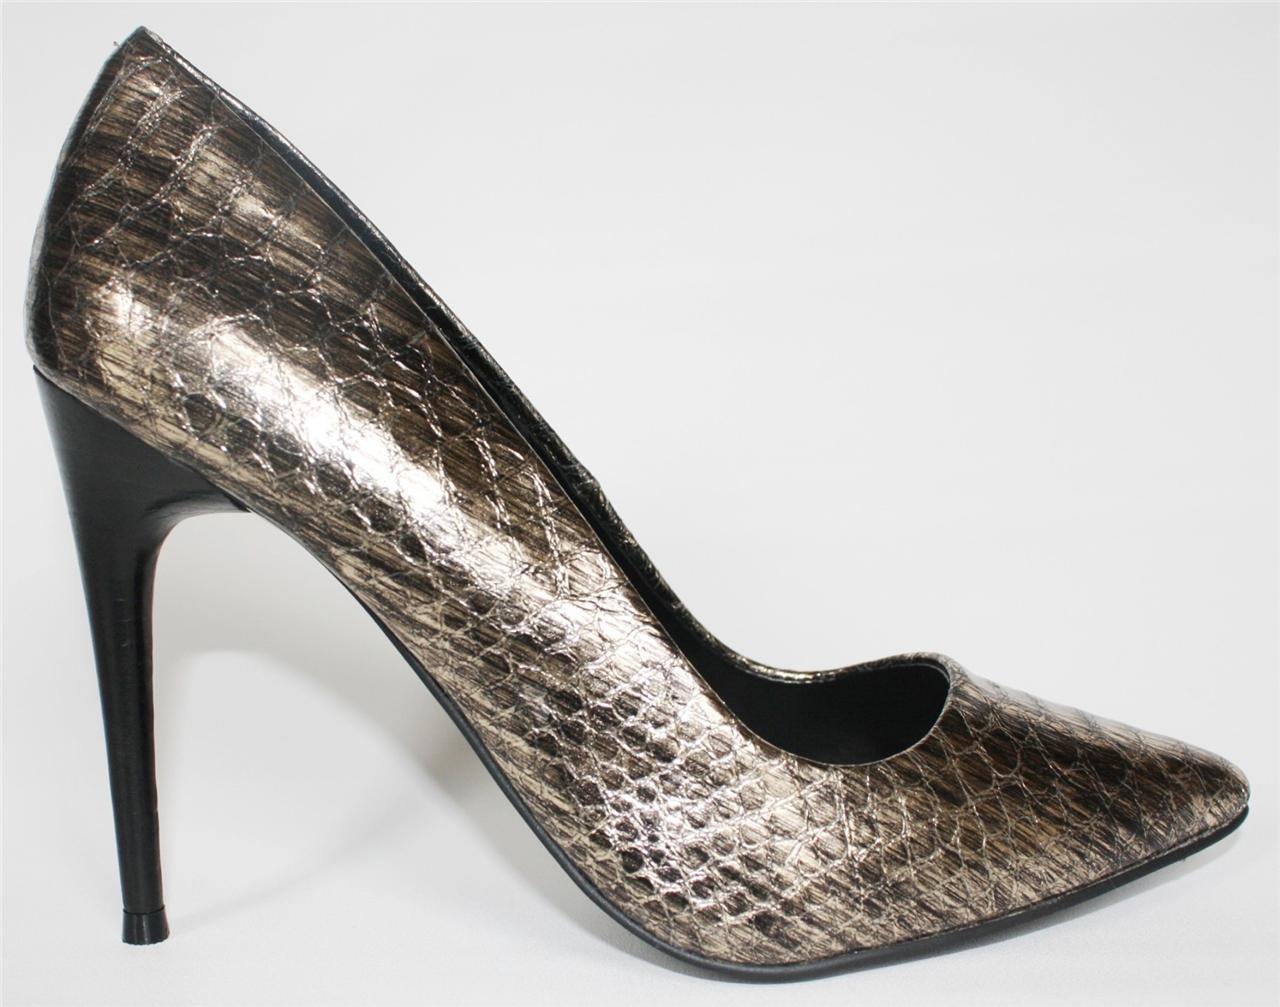 Donald Pliner Womens Shoes